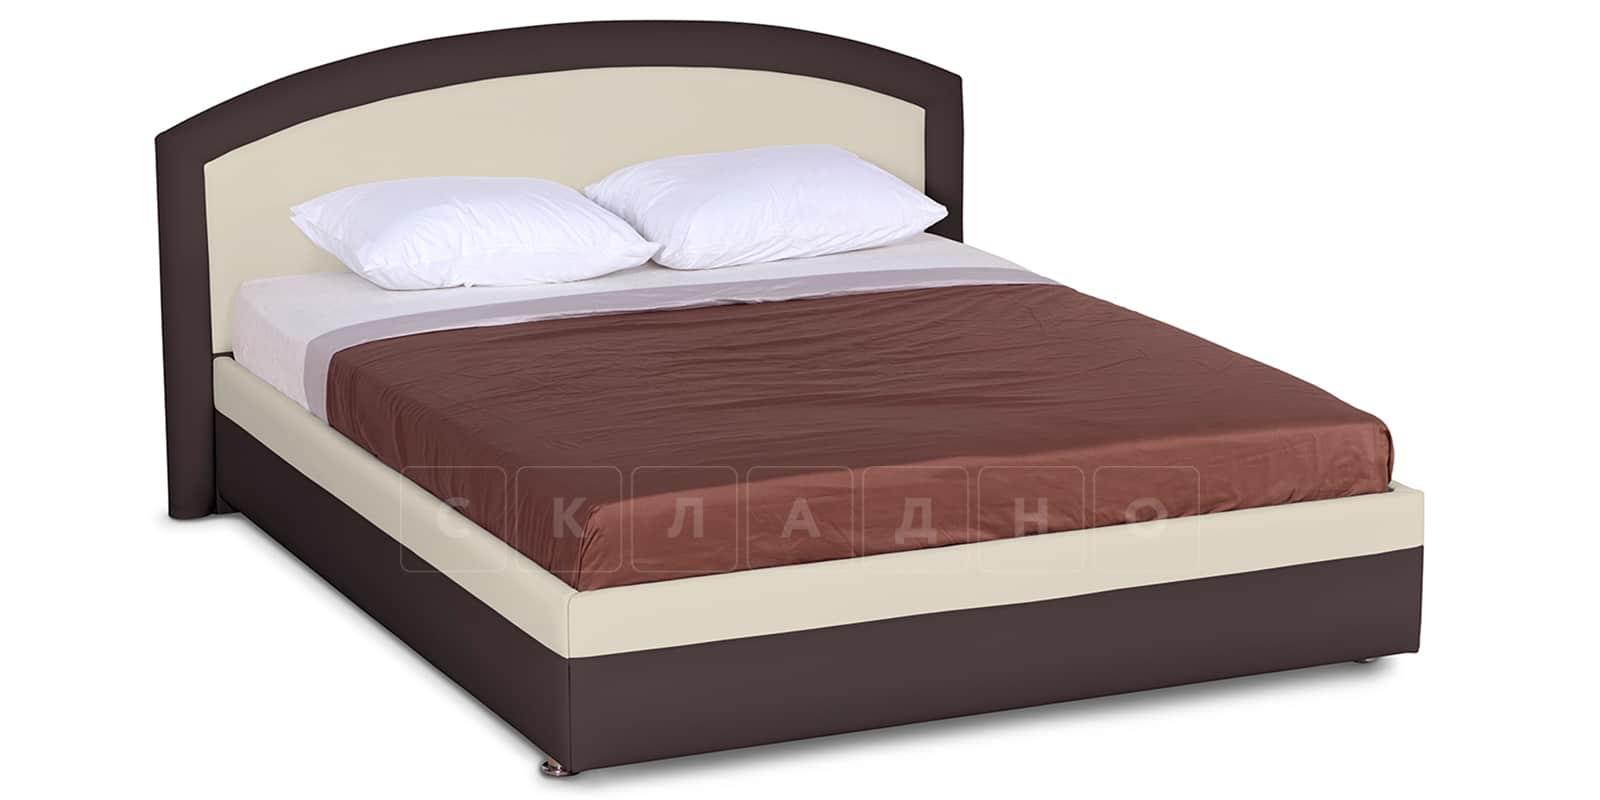 Мягкая кровать Малибу 160см экокожа бежевый-шоколад вариант 8-2 фото 1 | интернет-магазин Складно